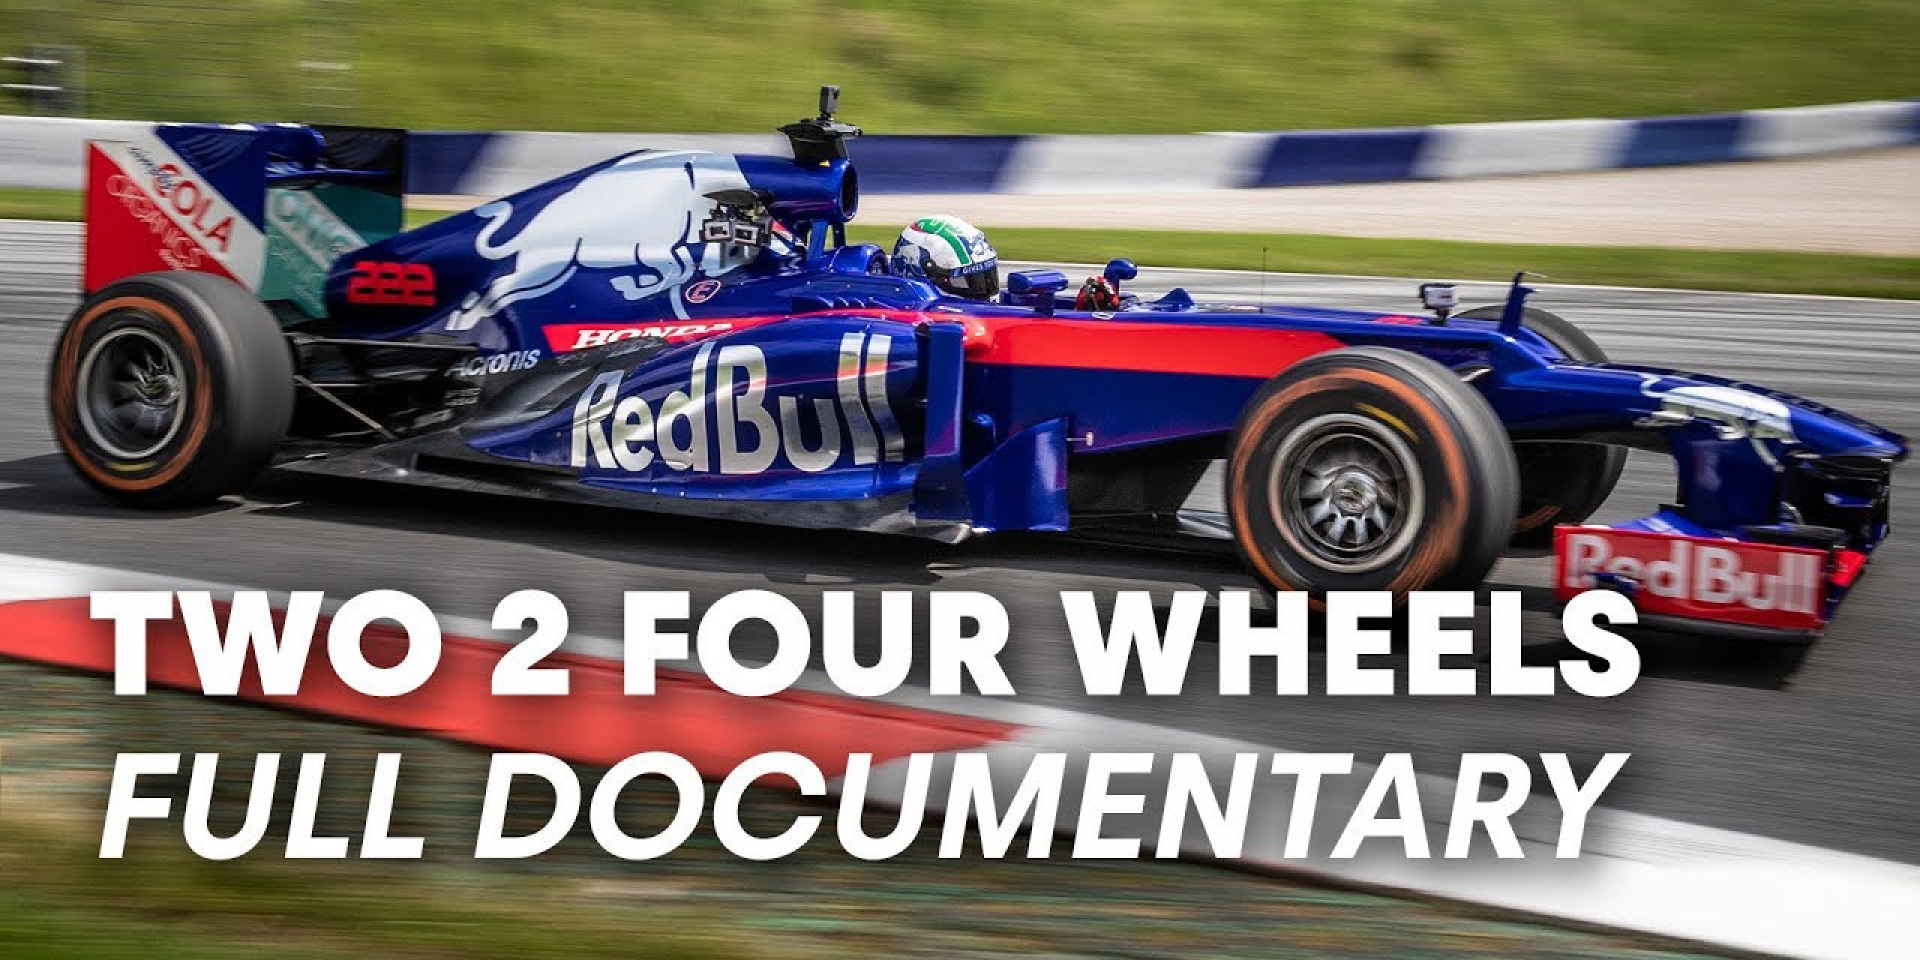 從GP延伸到F1的戰火,HONDA兩位車手到底誰比較快?